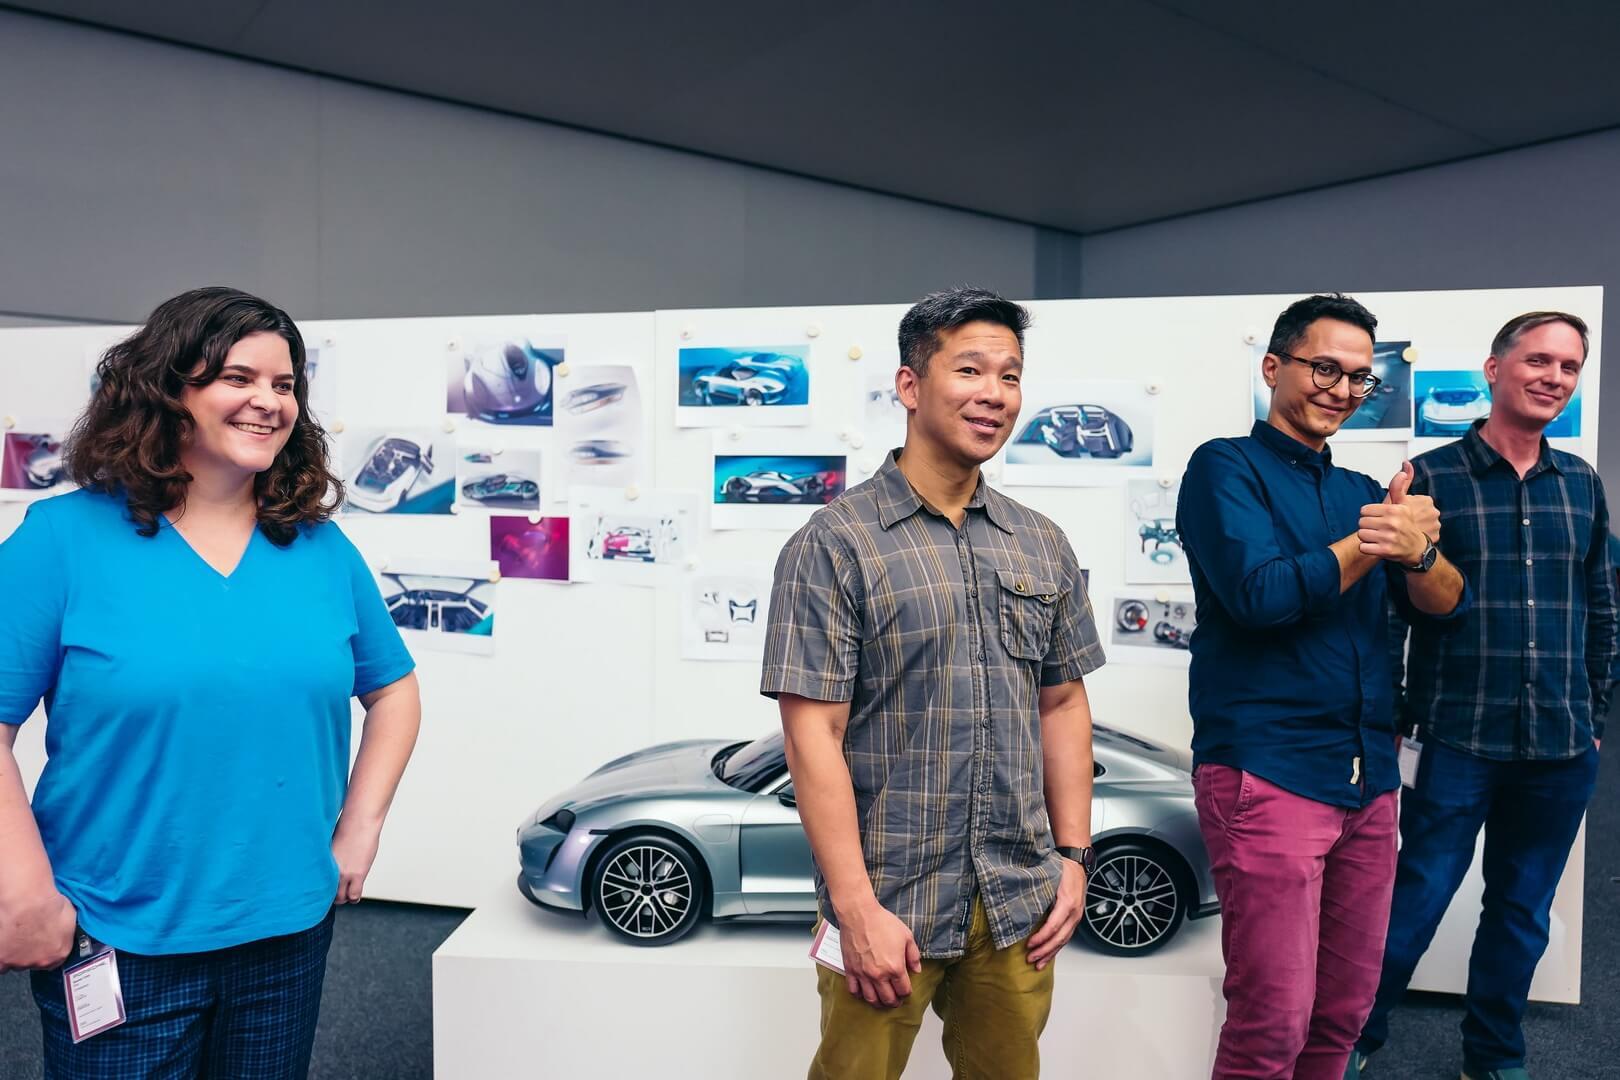 Дизайнери компанії Porsche AGікінокомпанії Lucasfilm Ltd. співпрацюють над дизайном зорельоту